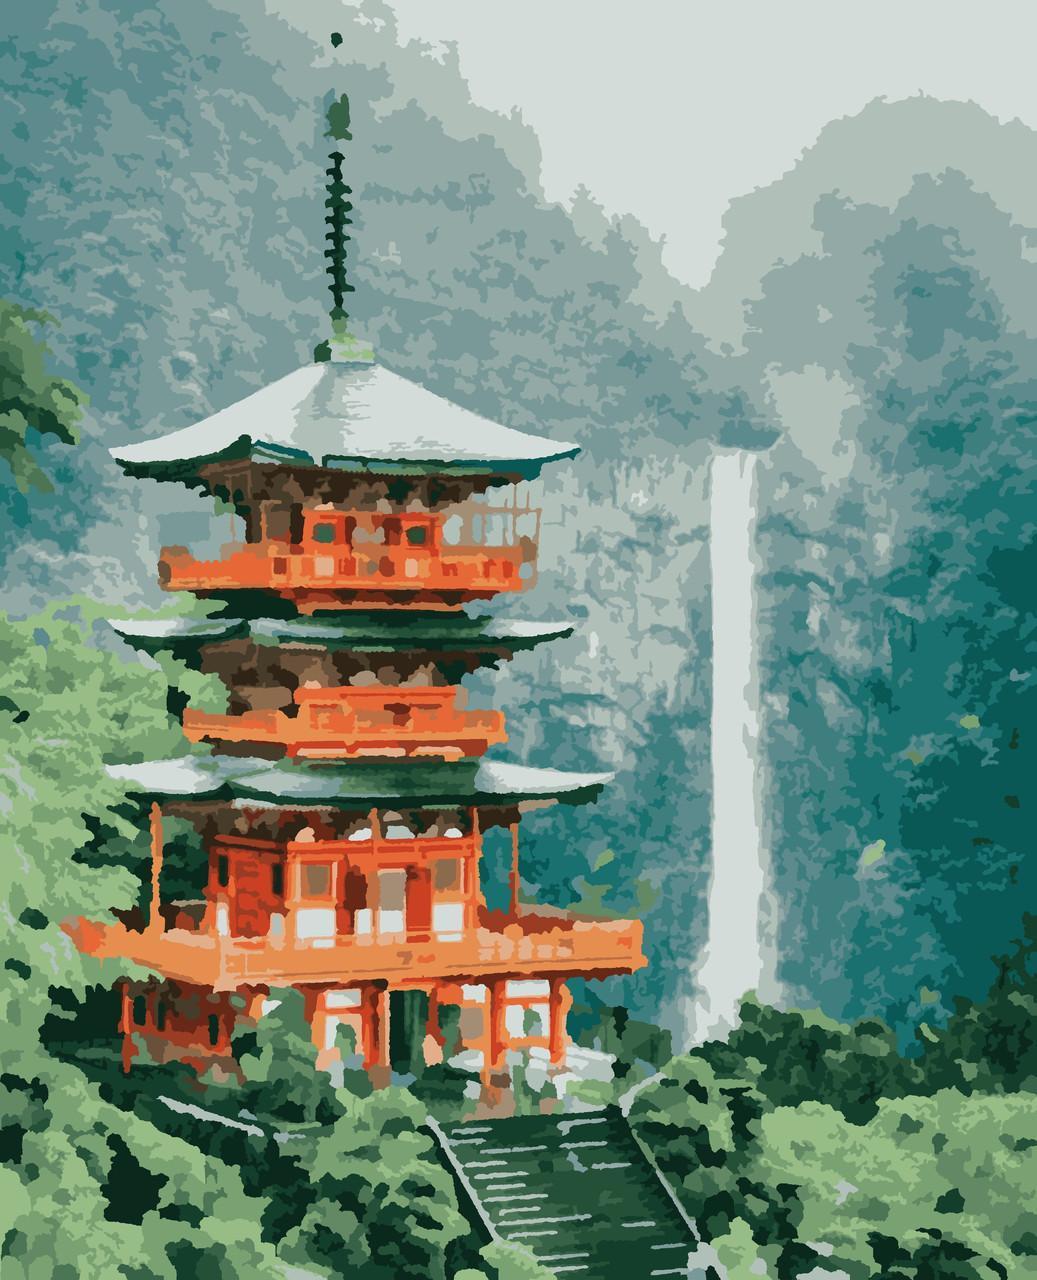 Картина по номерам рисование Пагода PNX6210 Artissimo 50х60см розпис за номерами набір, фарби, пензлі, полотно